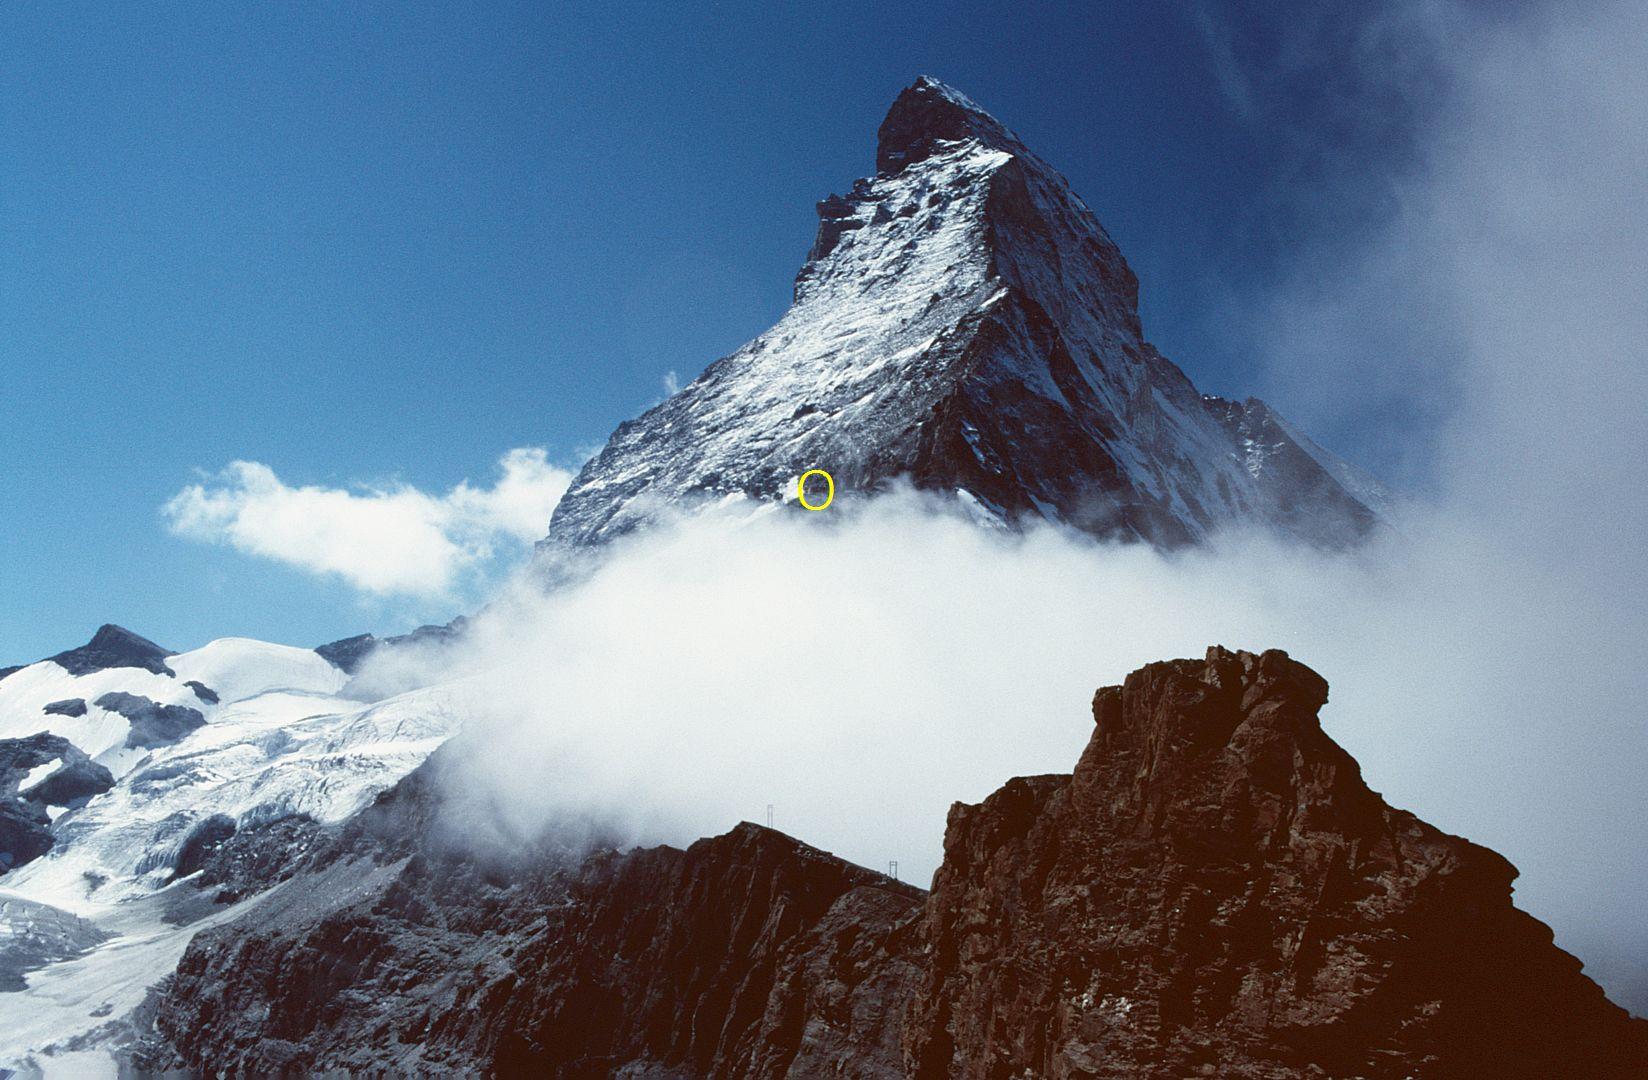 Hirli 2888 m am Fuss des Matterhorns